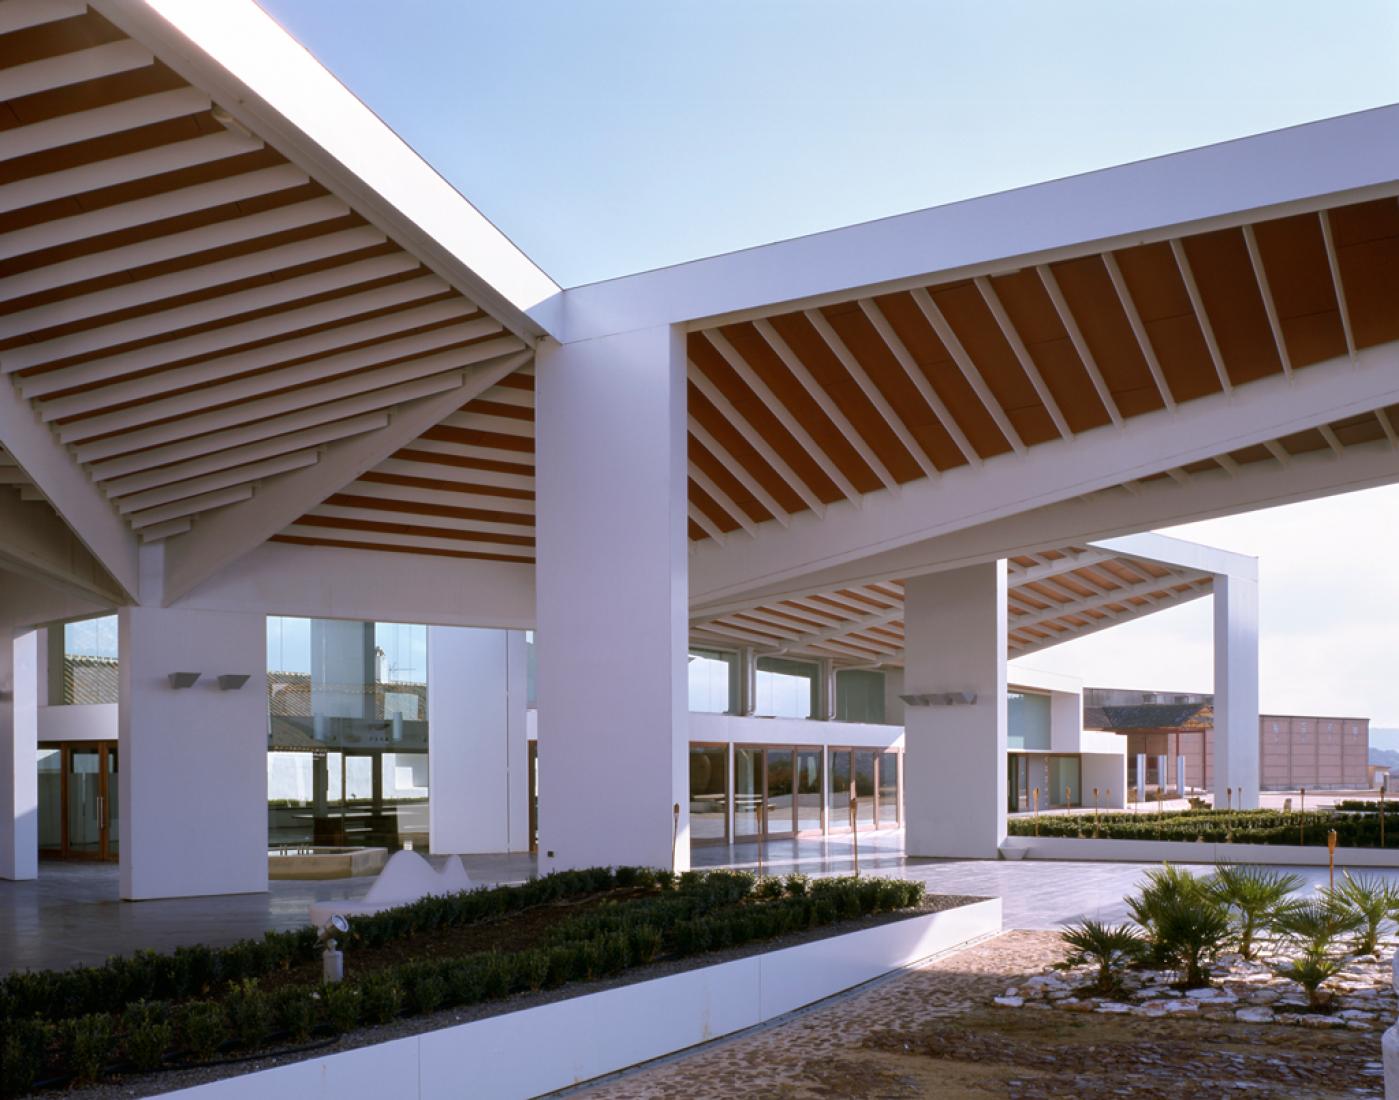 Bodegas Real, por ParedesPedrosa arquitectos. Fotografía © Luis Asín.